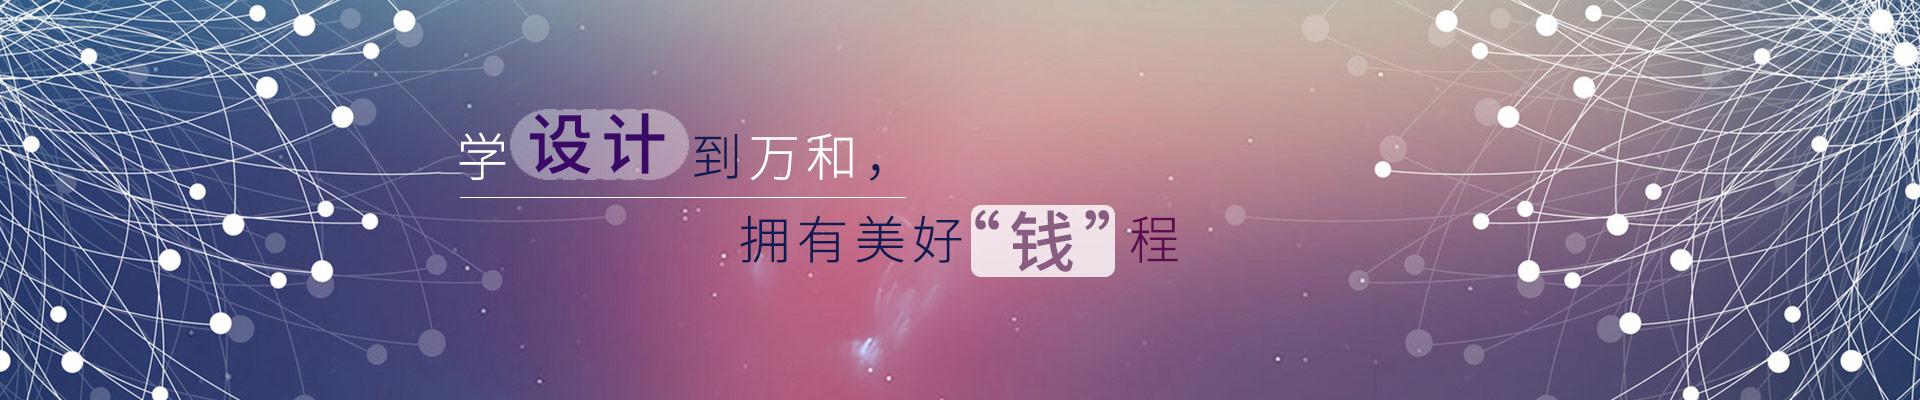 南京万和IT培训中心